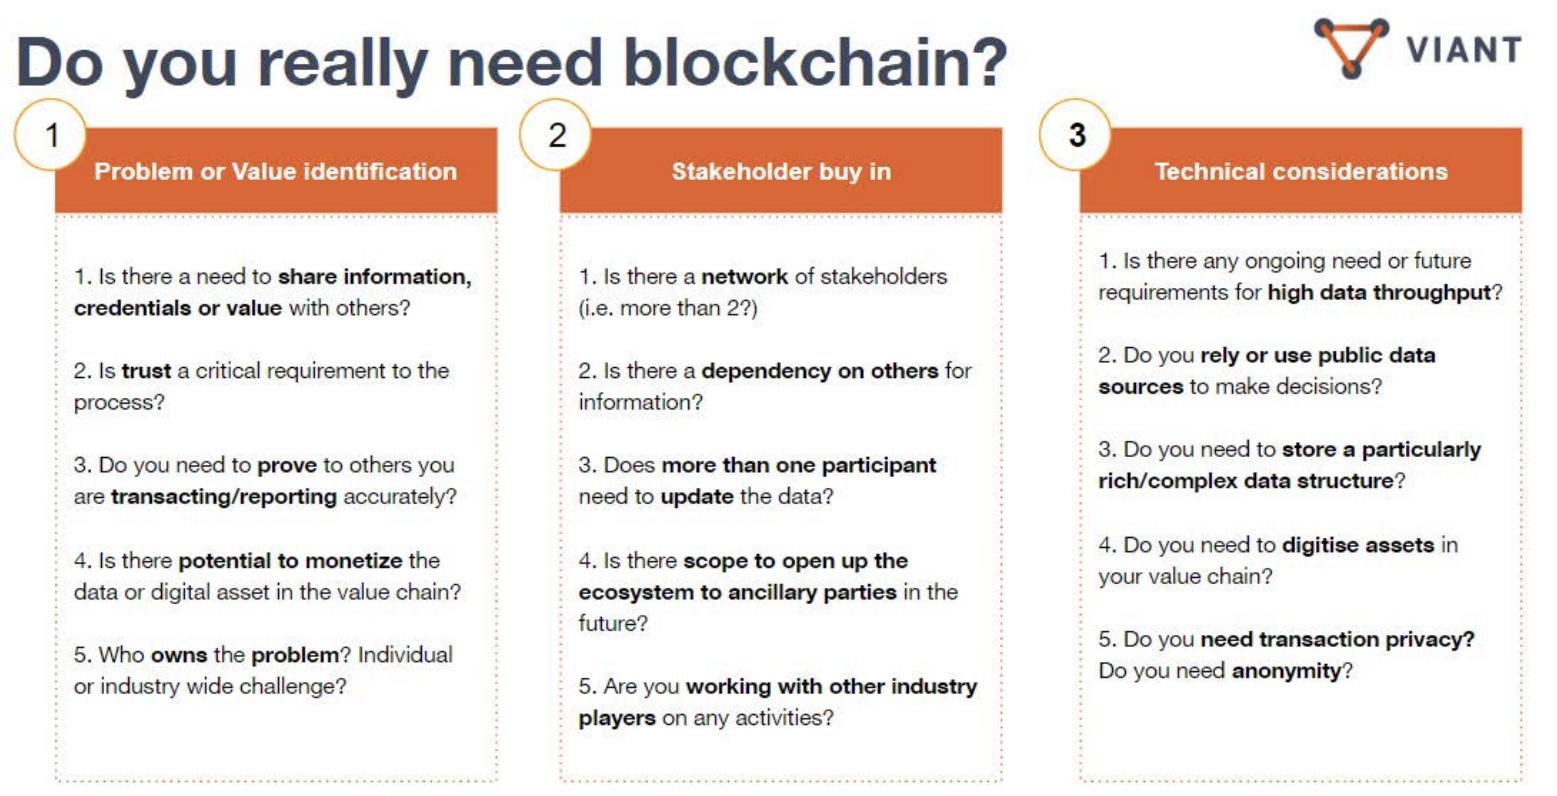 image: do you really need blockchain?